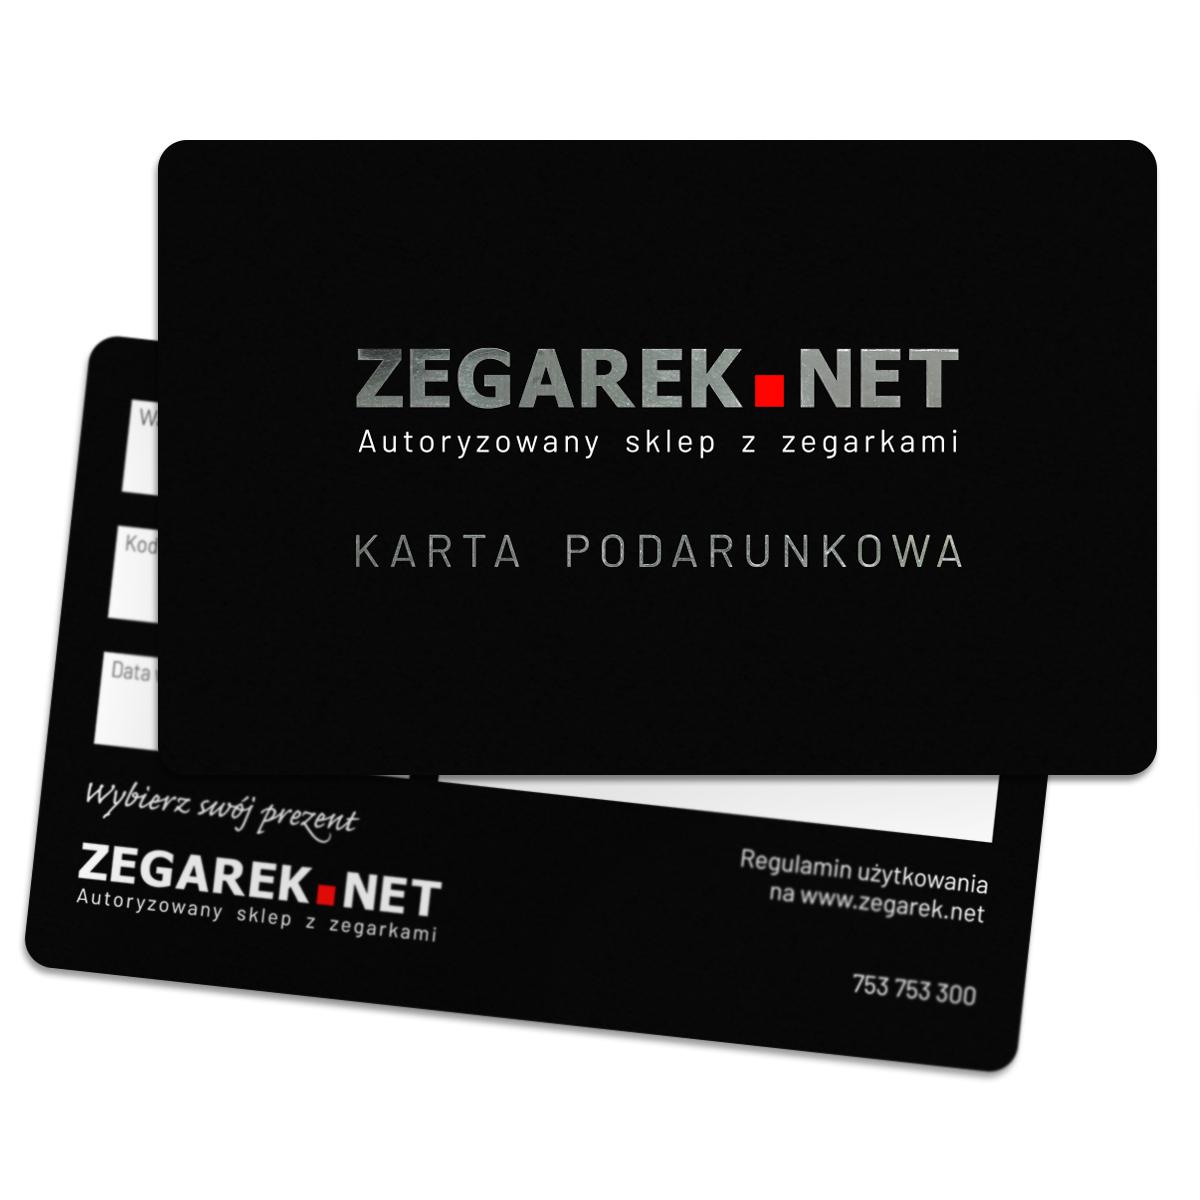 ZEGAREKNET Karta podarunkowa 100 zł